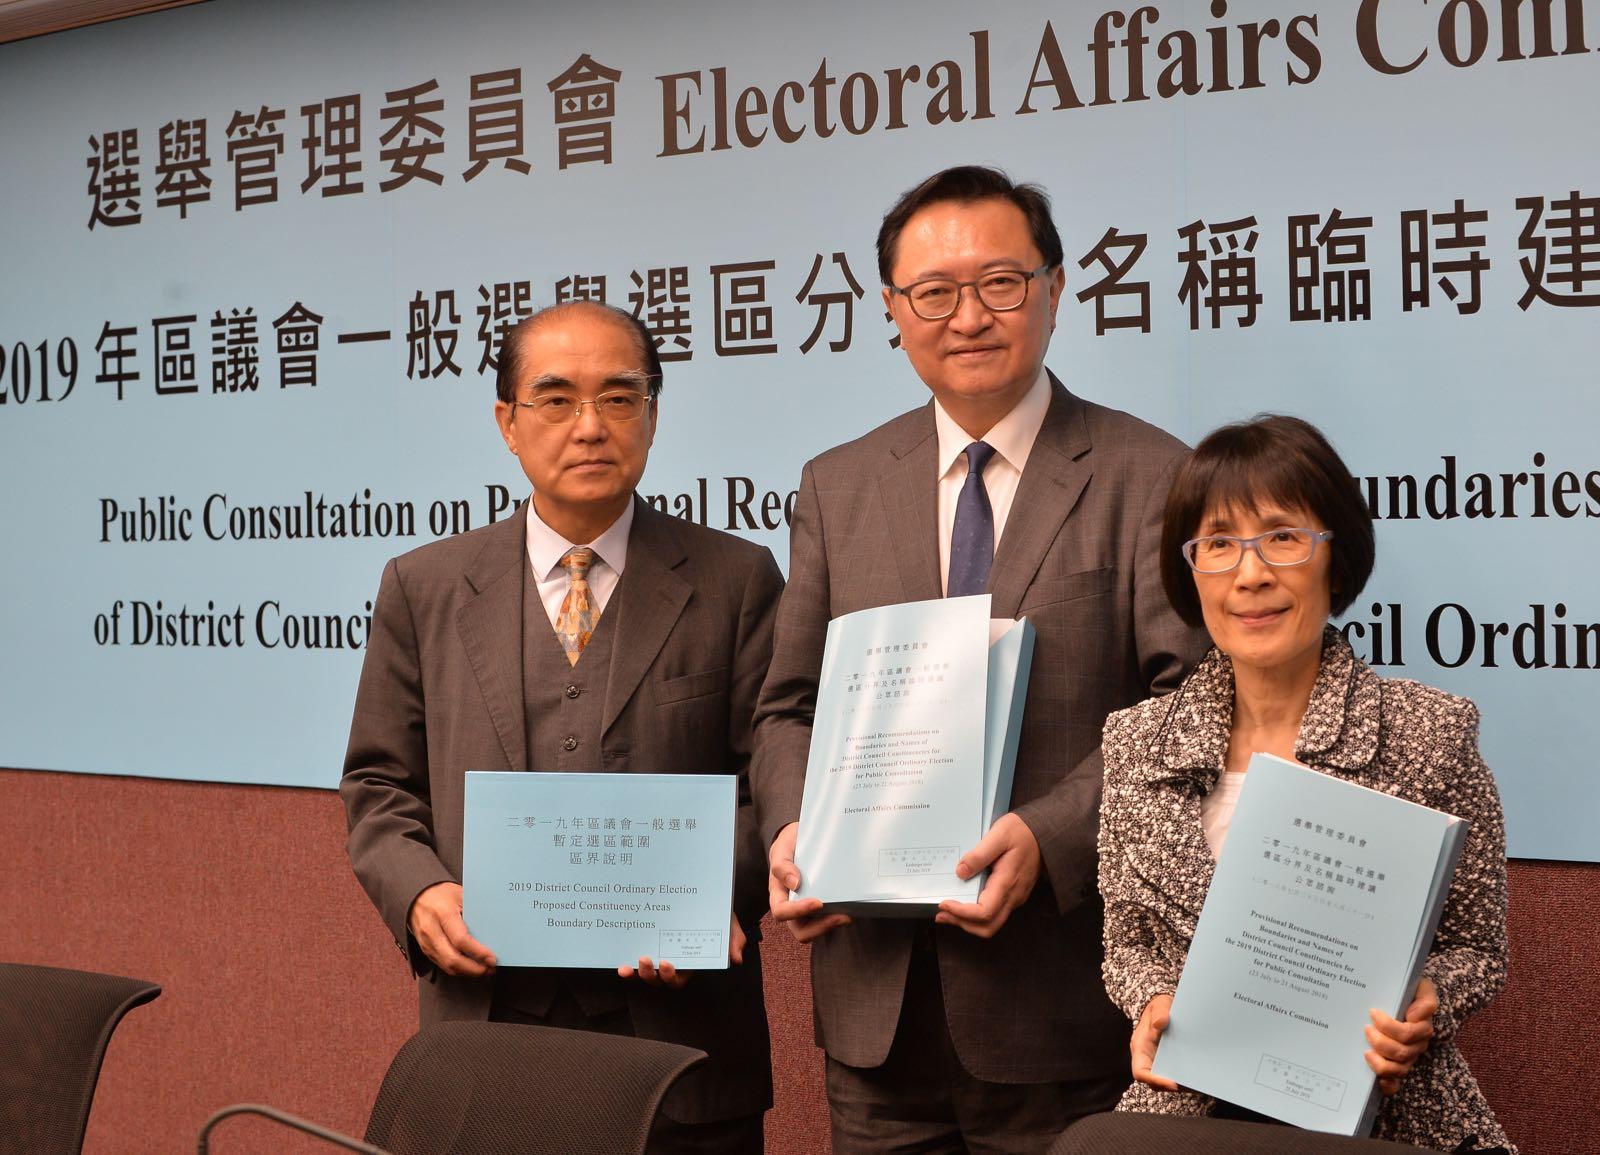 選舉管理委員會今日公布改動選區劃界的建議。